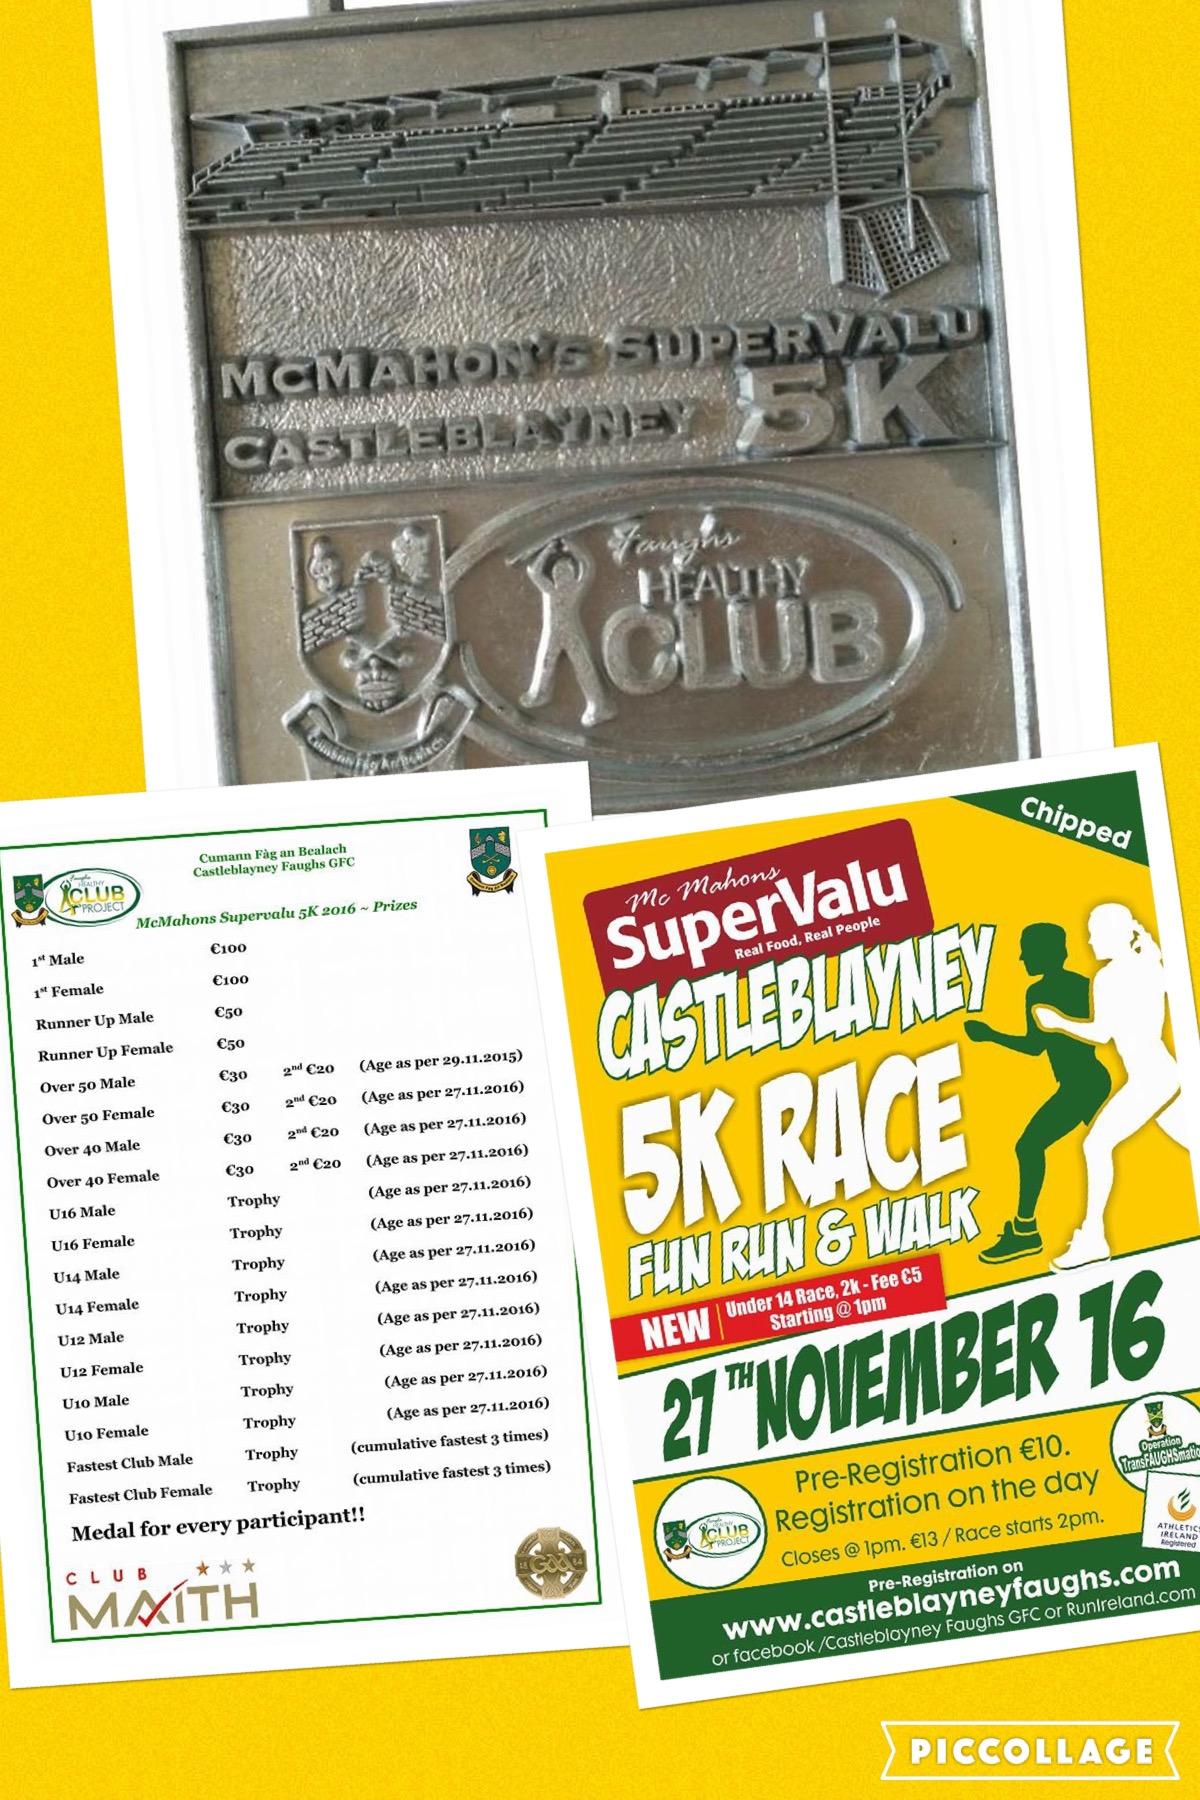 Mc Mahon's Super Valu Castleblayney  5km